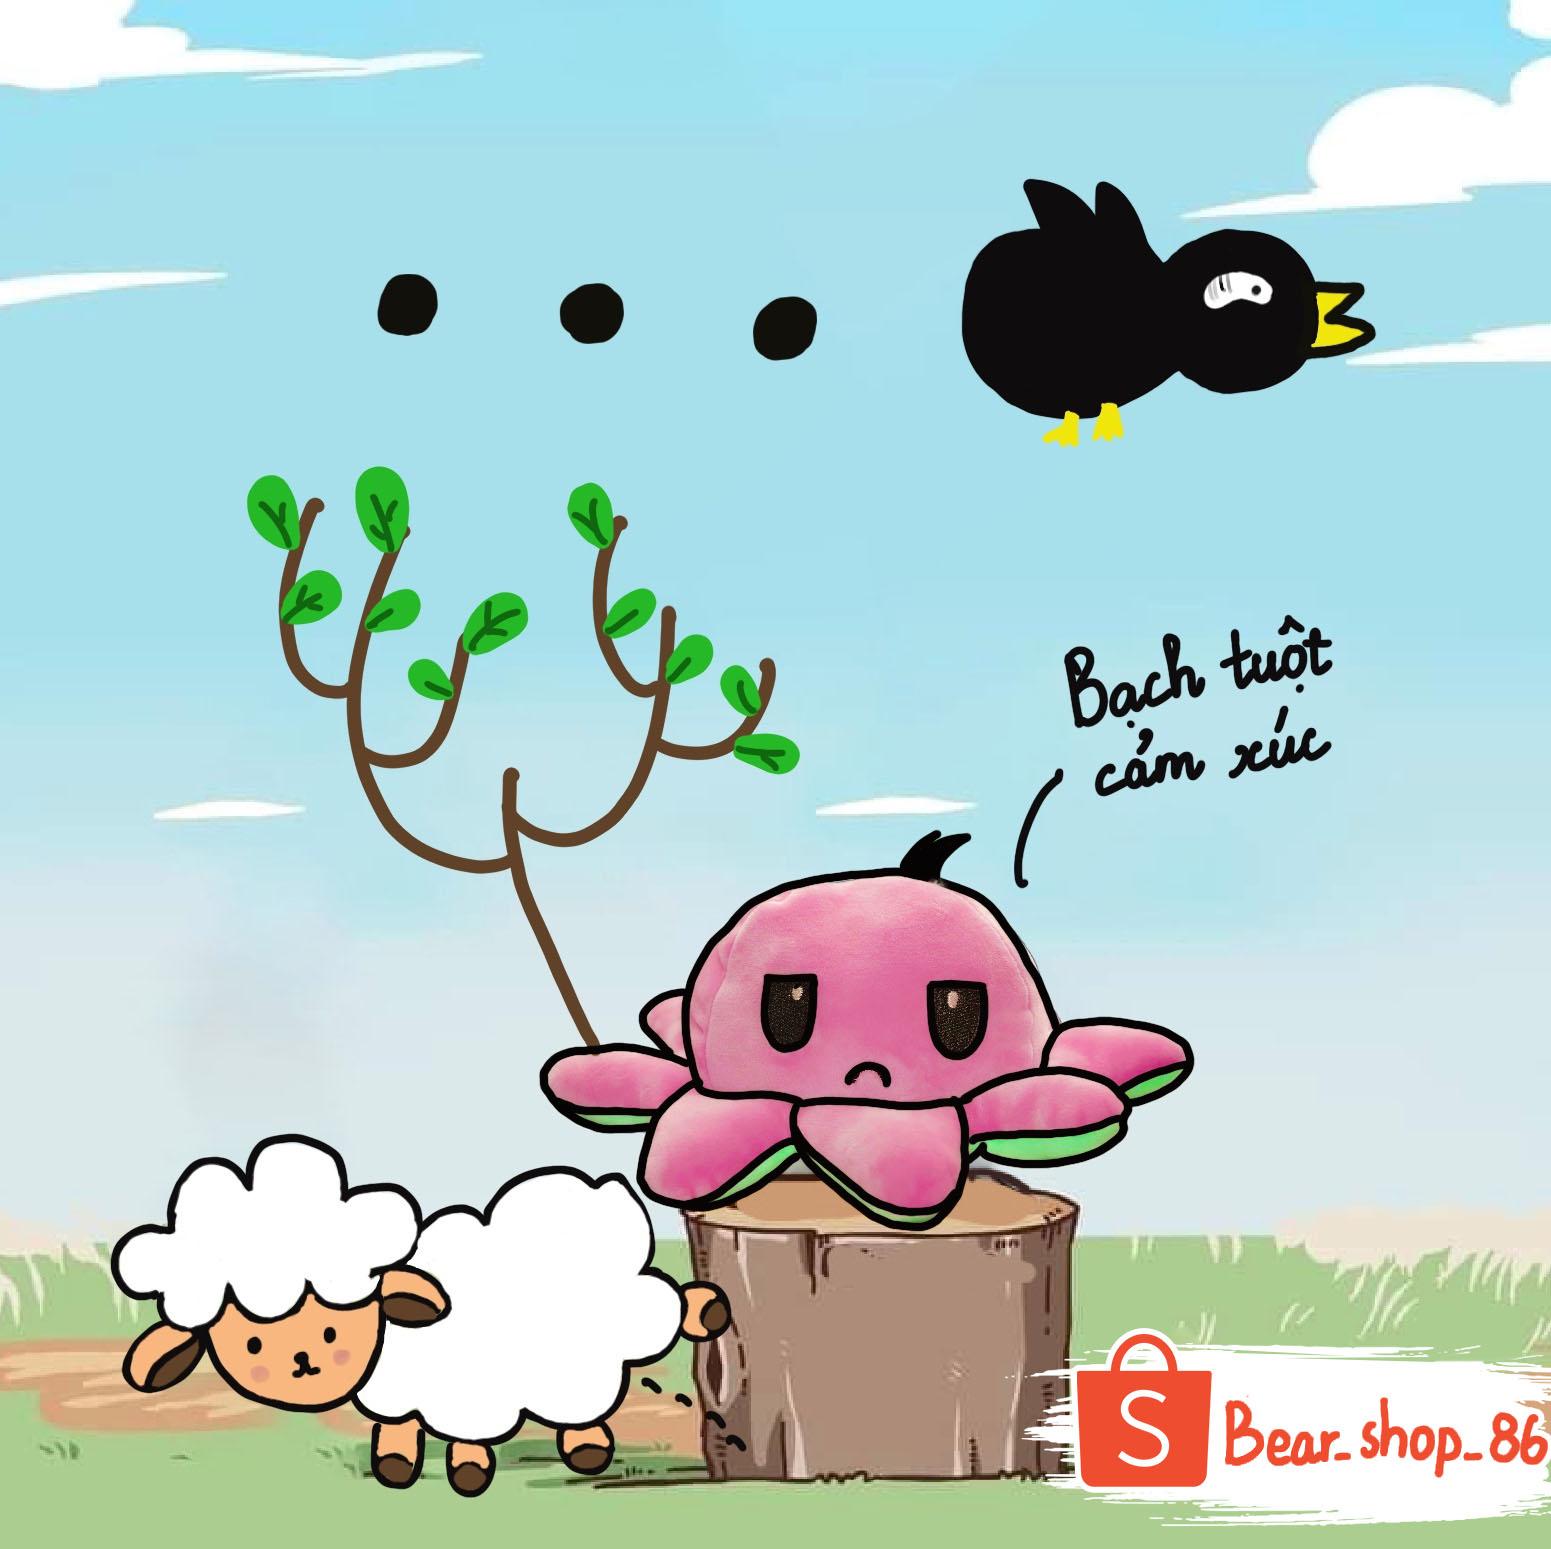 shopee_bear_shop_86_banner 345x345 2-1